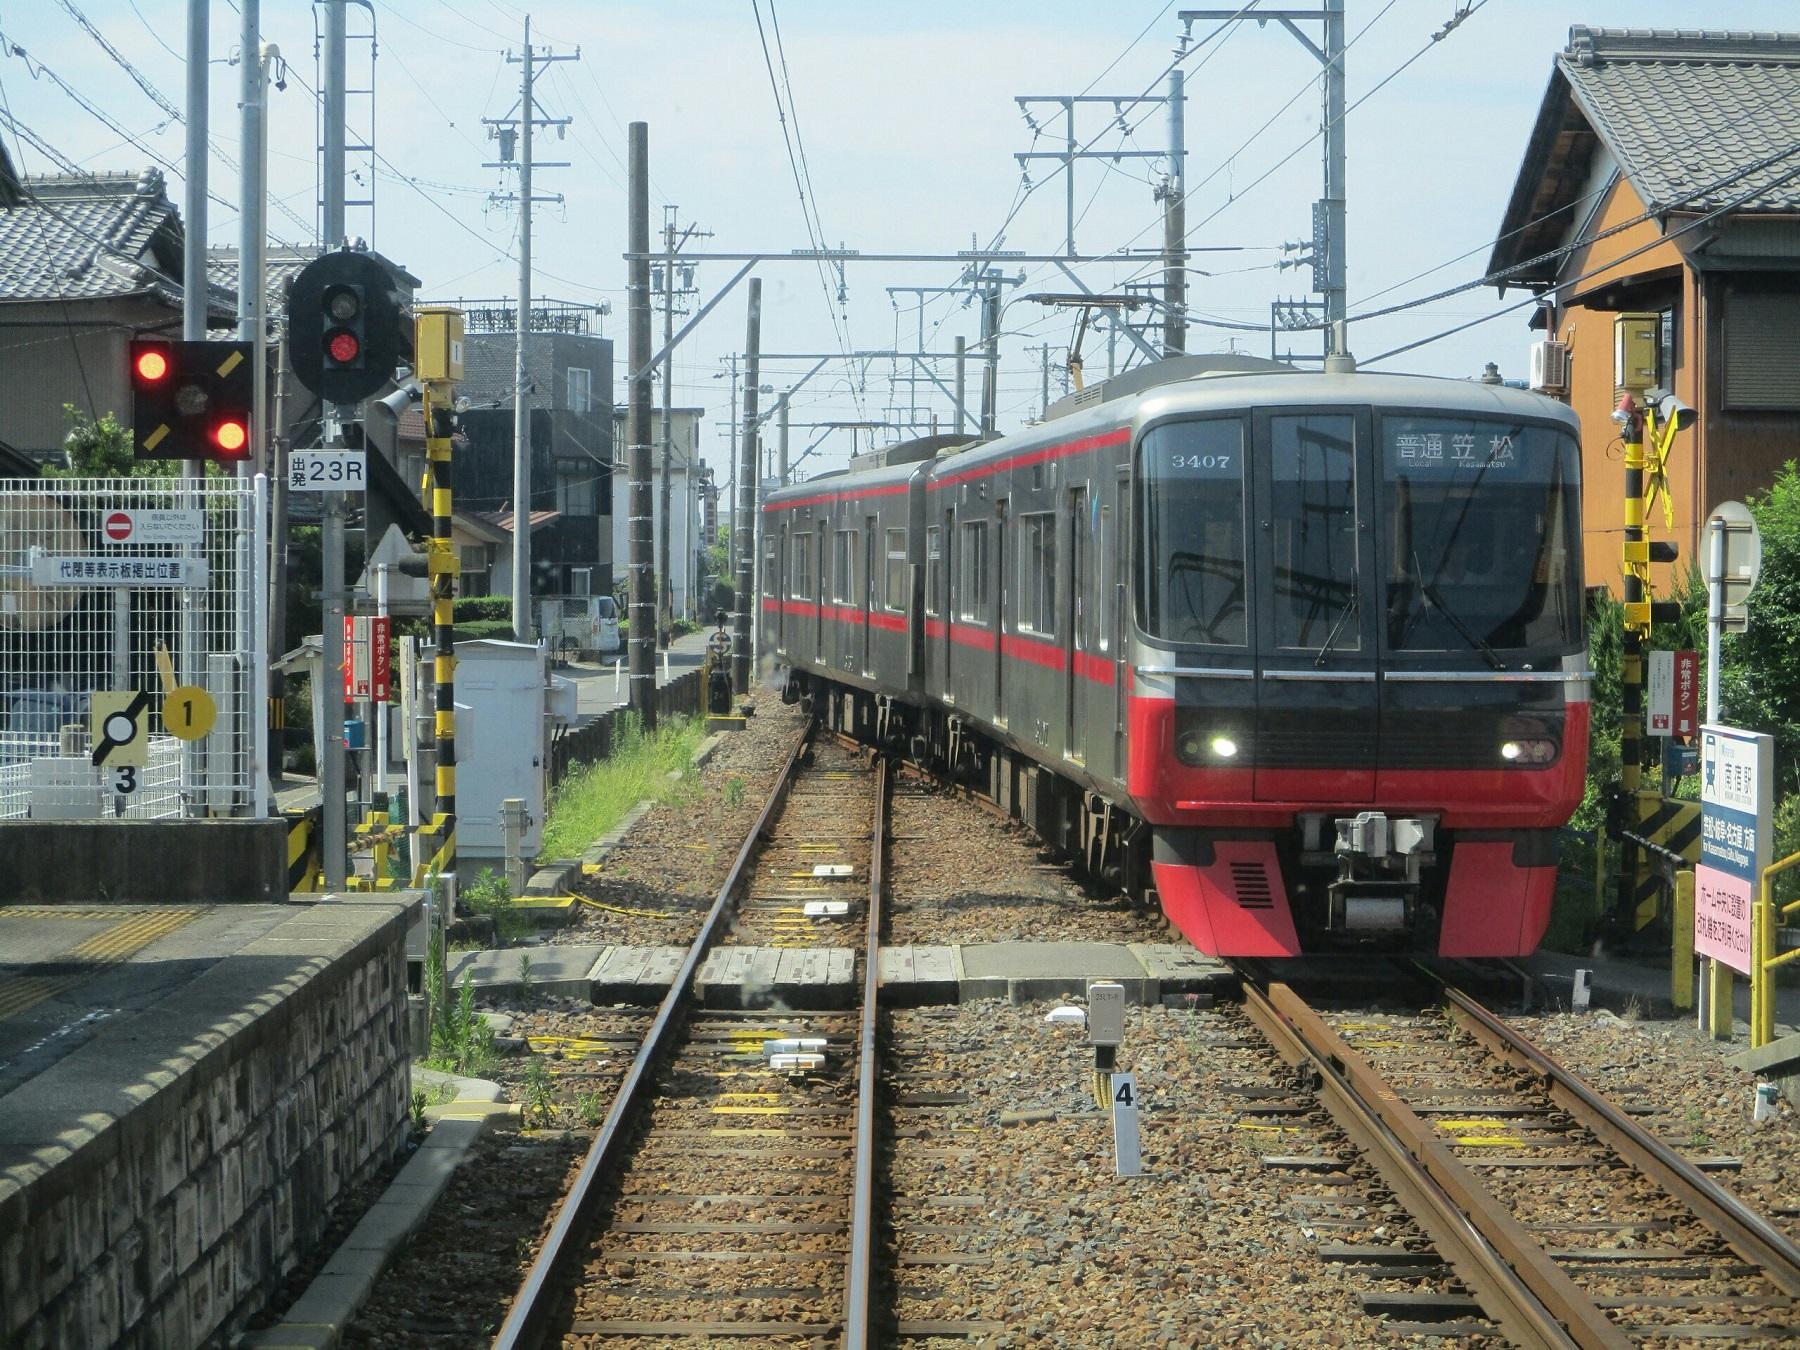 2018.7.18 (40) 新羽島いきふつう - 南宿(笠松いきふつう) 1800-1350